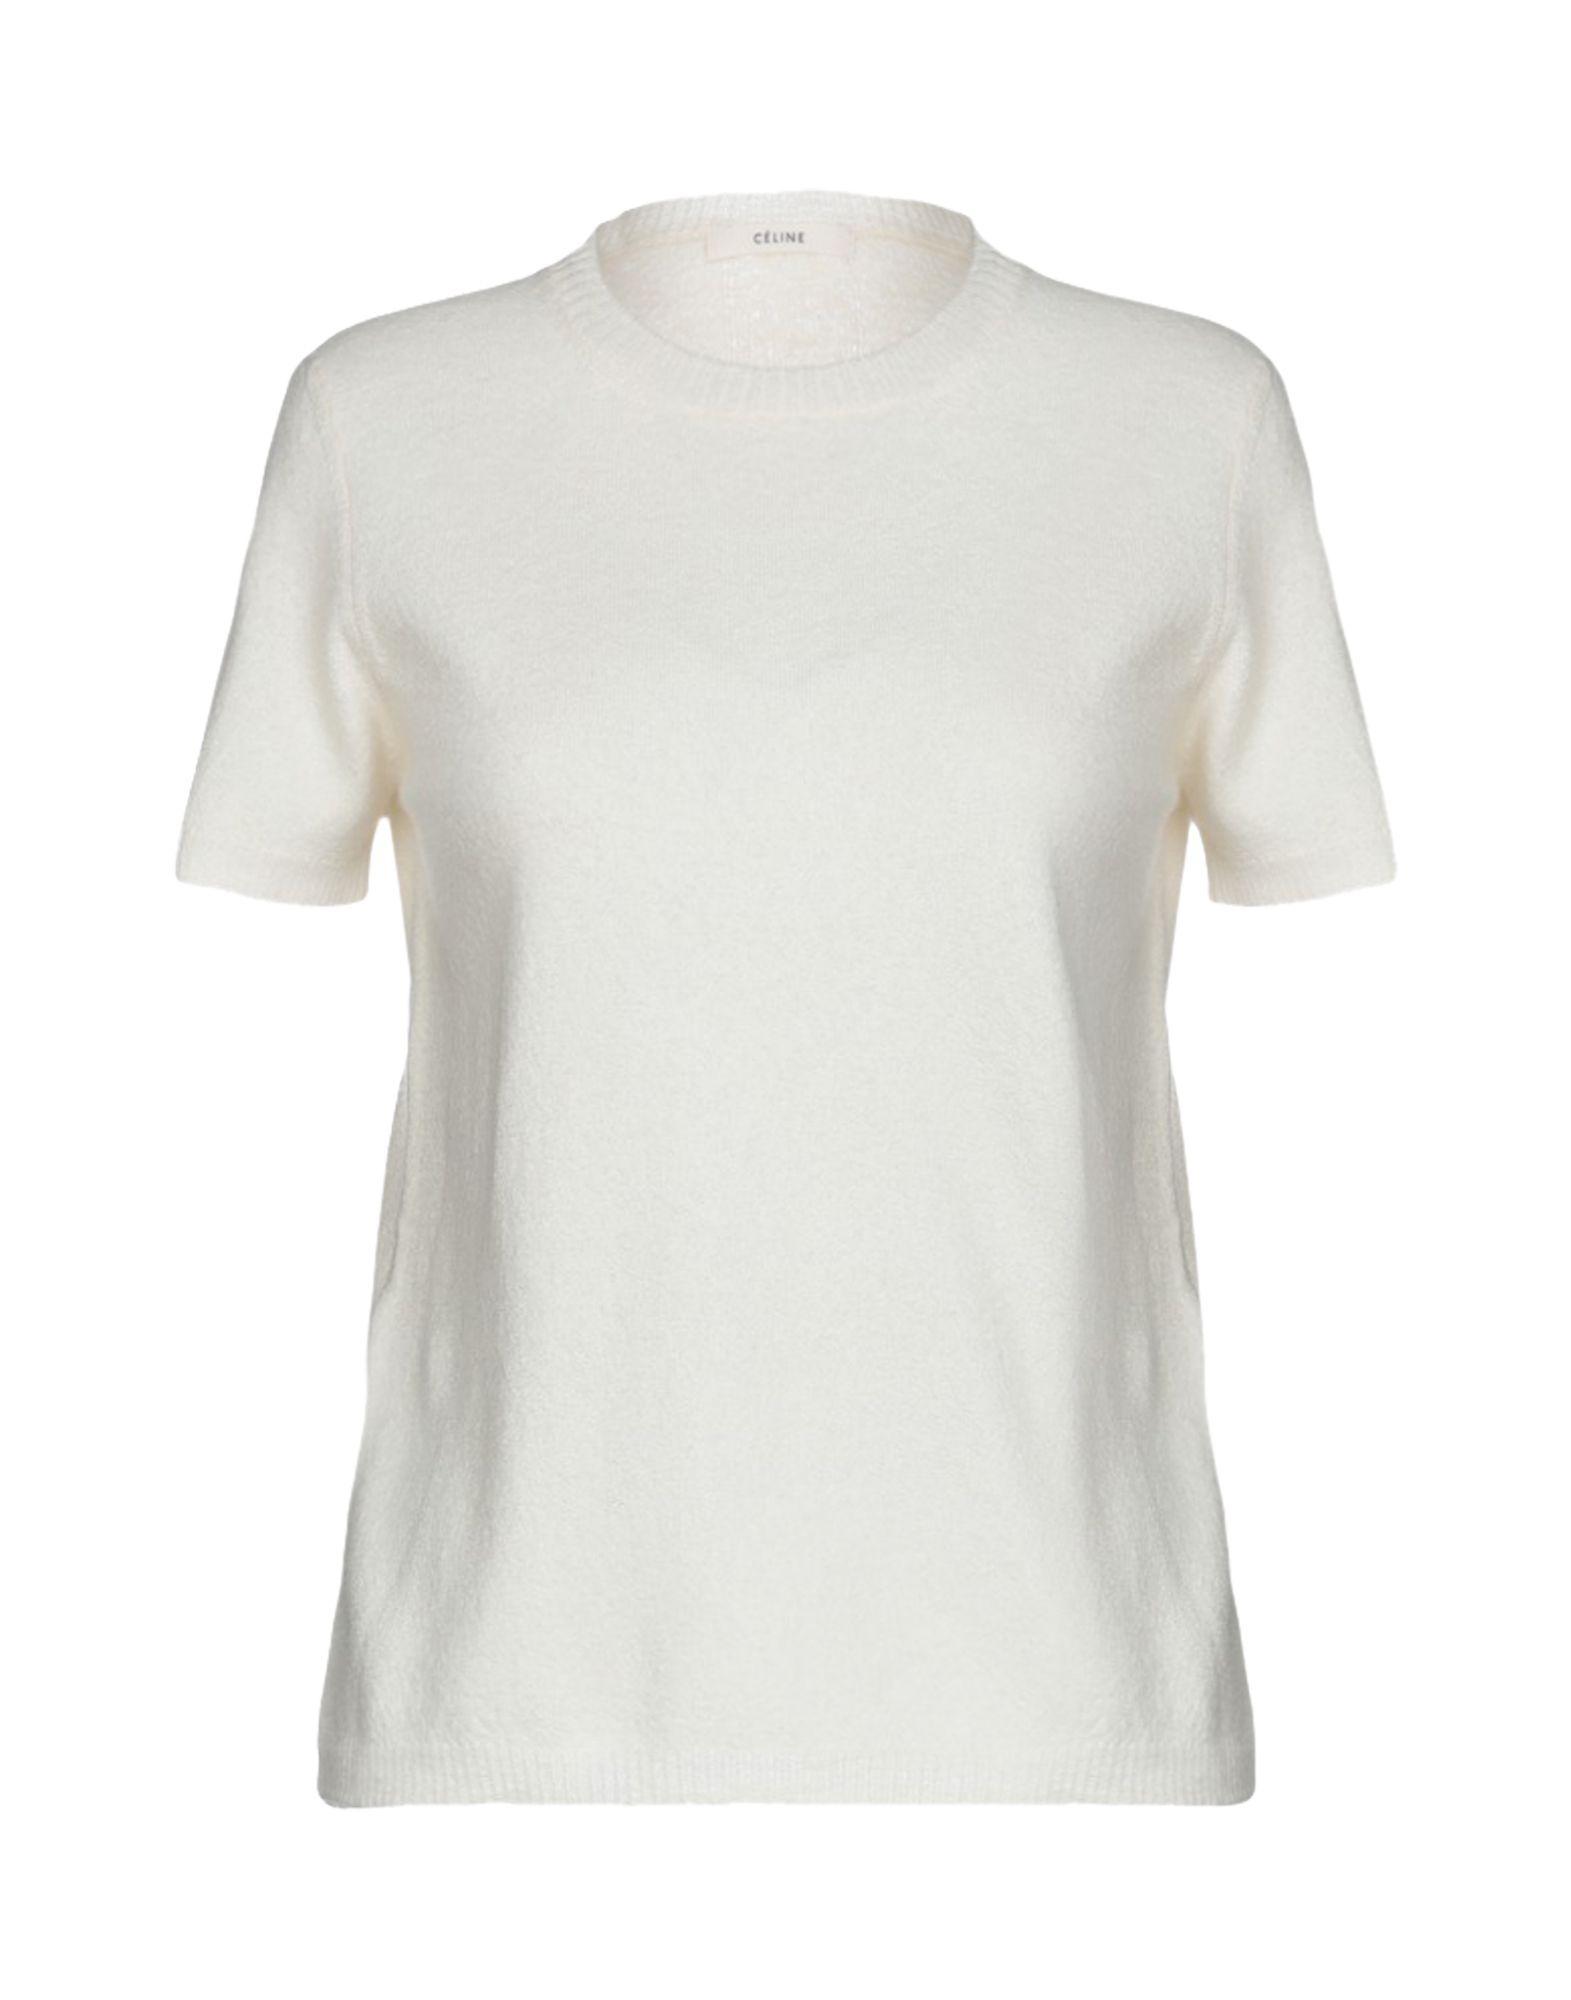 ef6891d8f4e Céline Jumper in White - Lyst